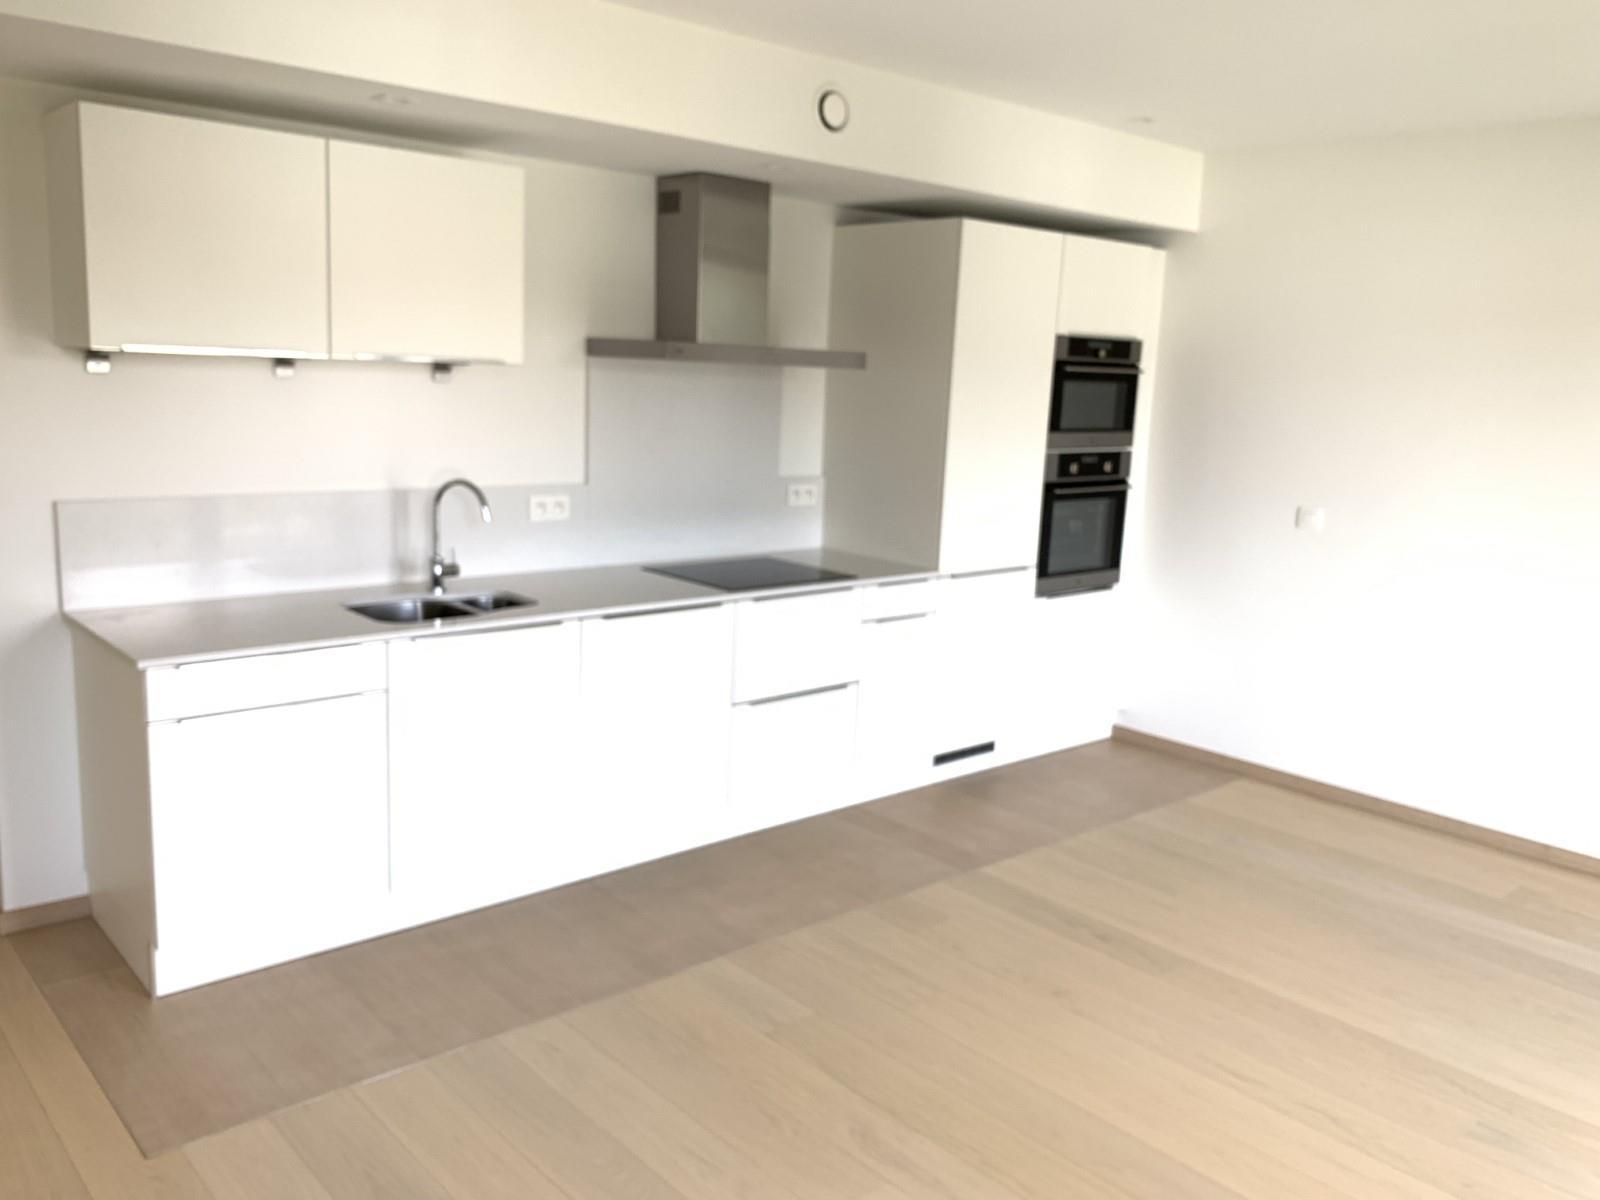 Appartement exceptionnel - Ixelles - #3965099-3